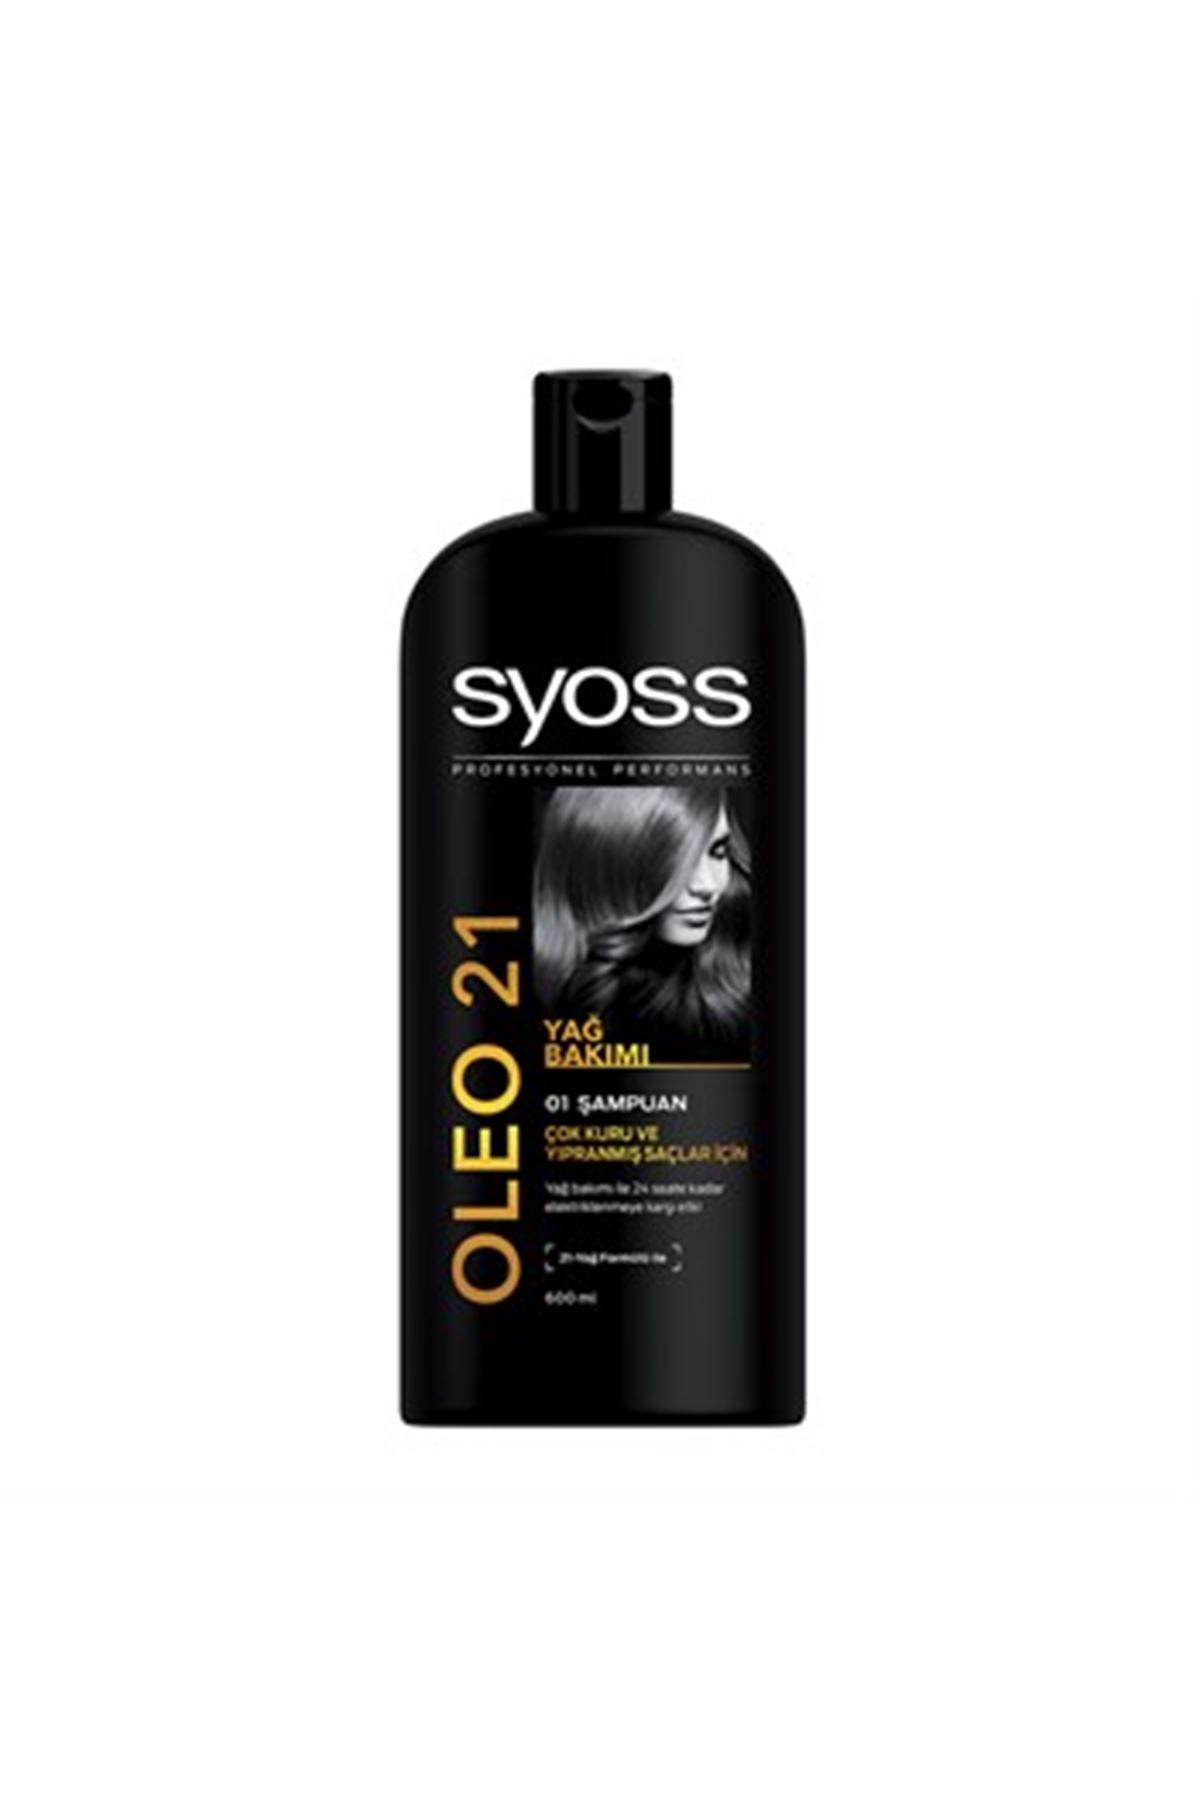 Syoss Oleo 21 Yağ Bakımı Şampuan 550 ml